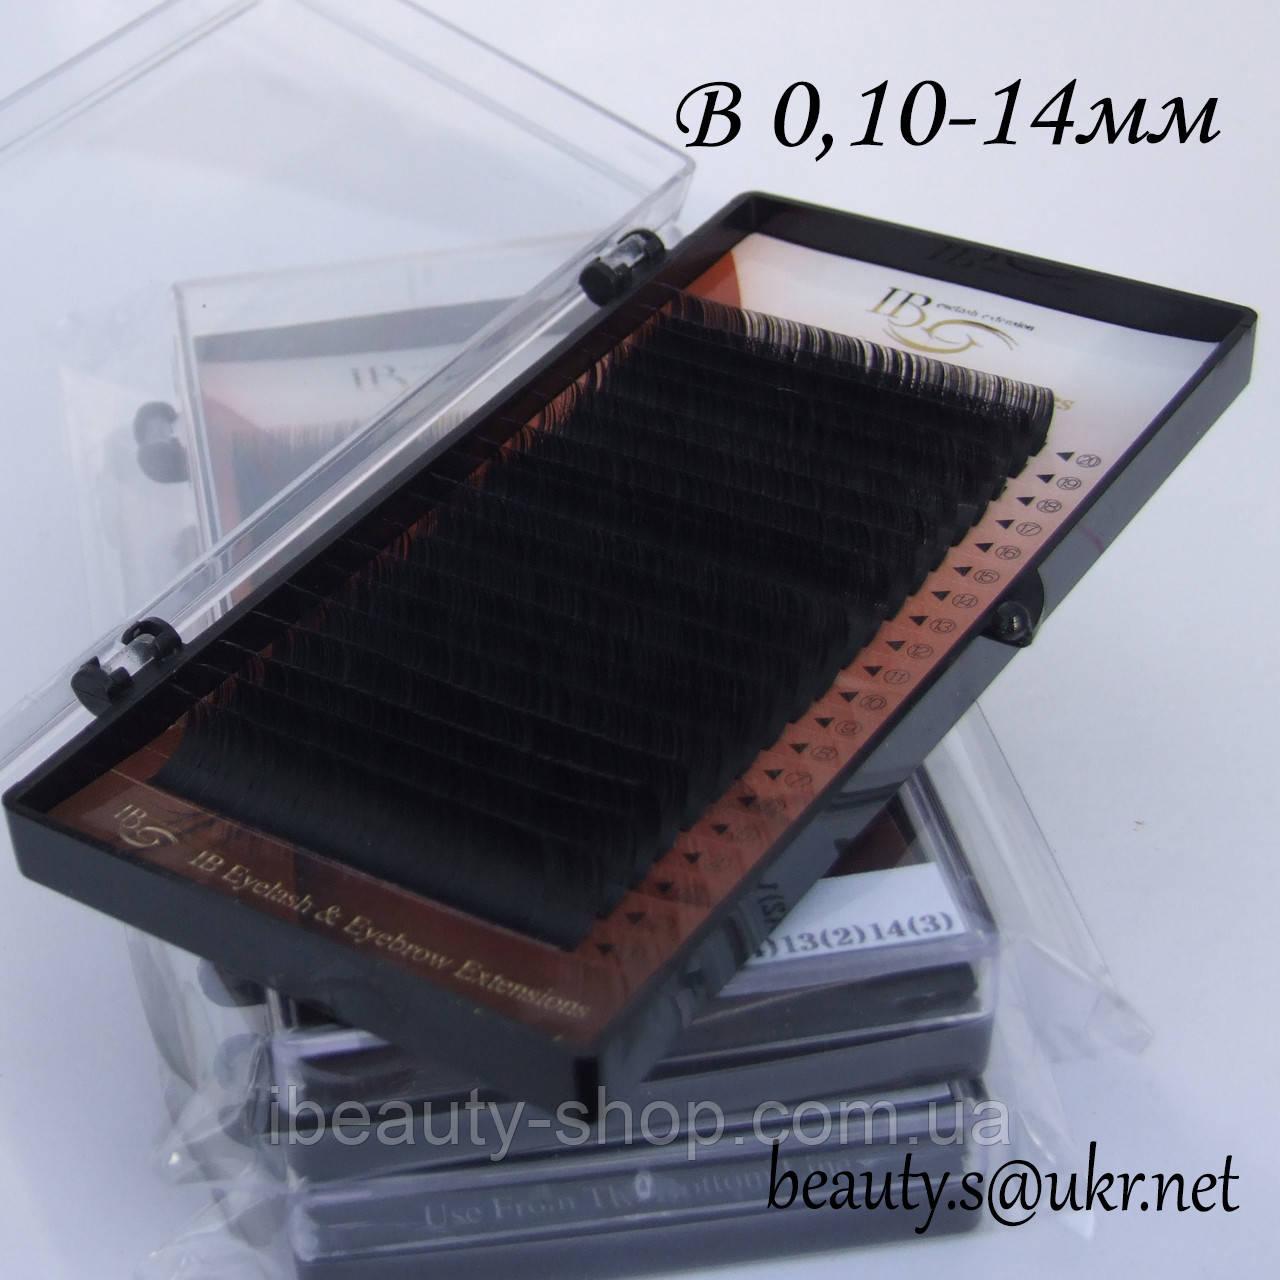 Ресницы  I-Beauty на ленте B 0,10-14мм